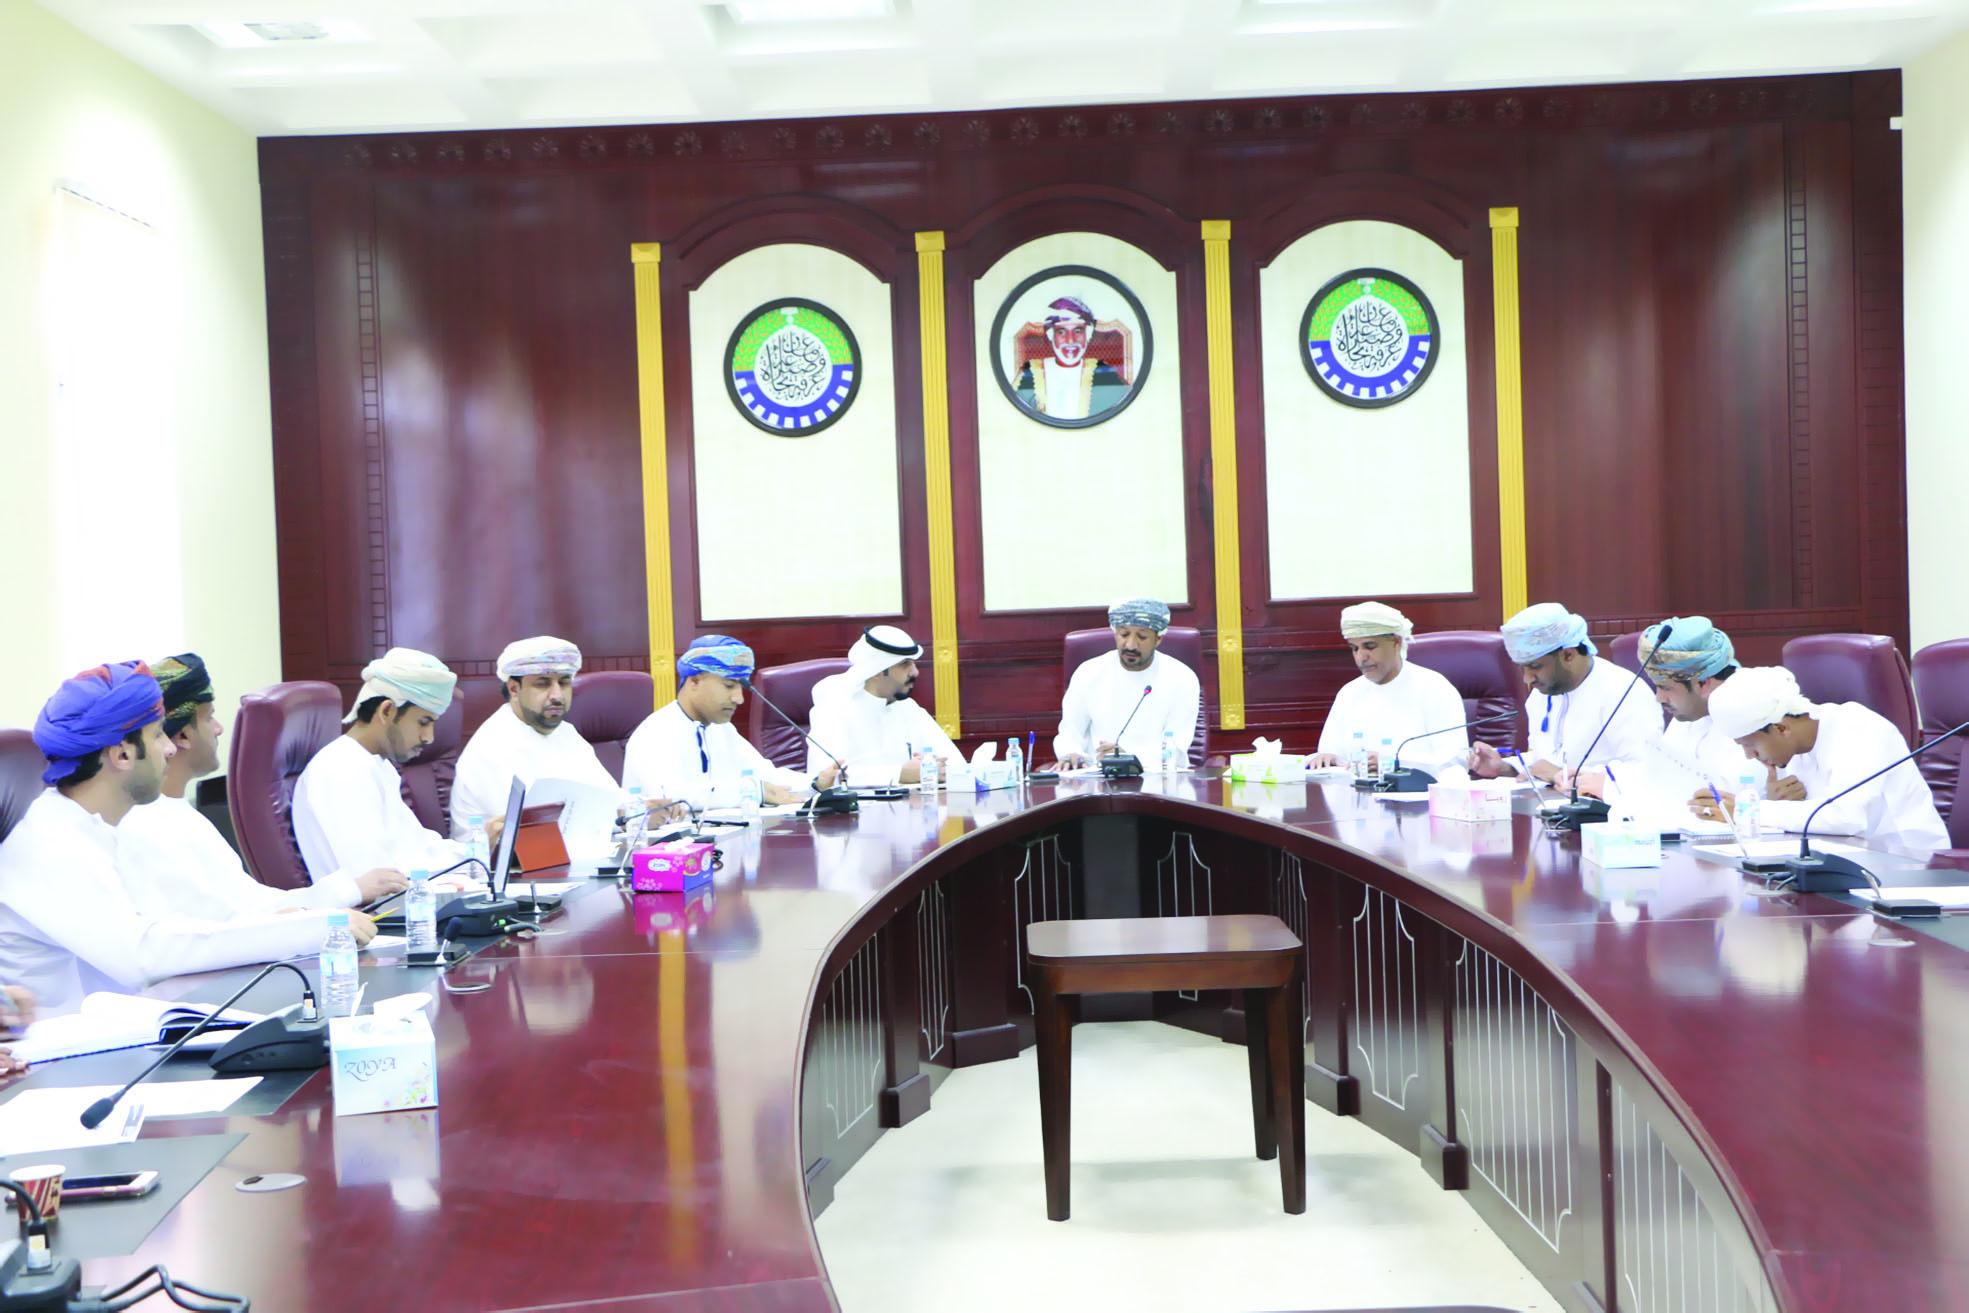 تنظيمية ملتقى شمال الشرقية تنظم اجتماعاً تحضيرياً